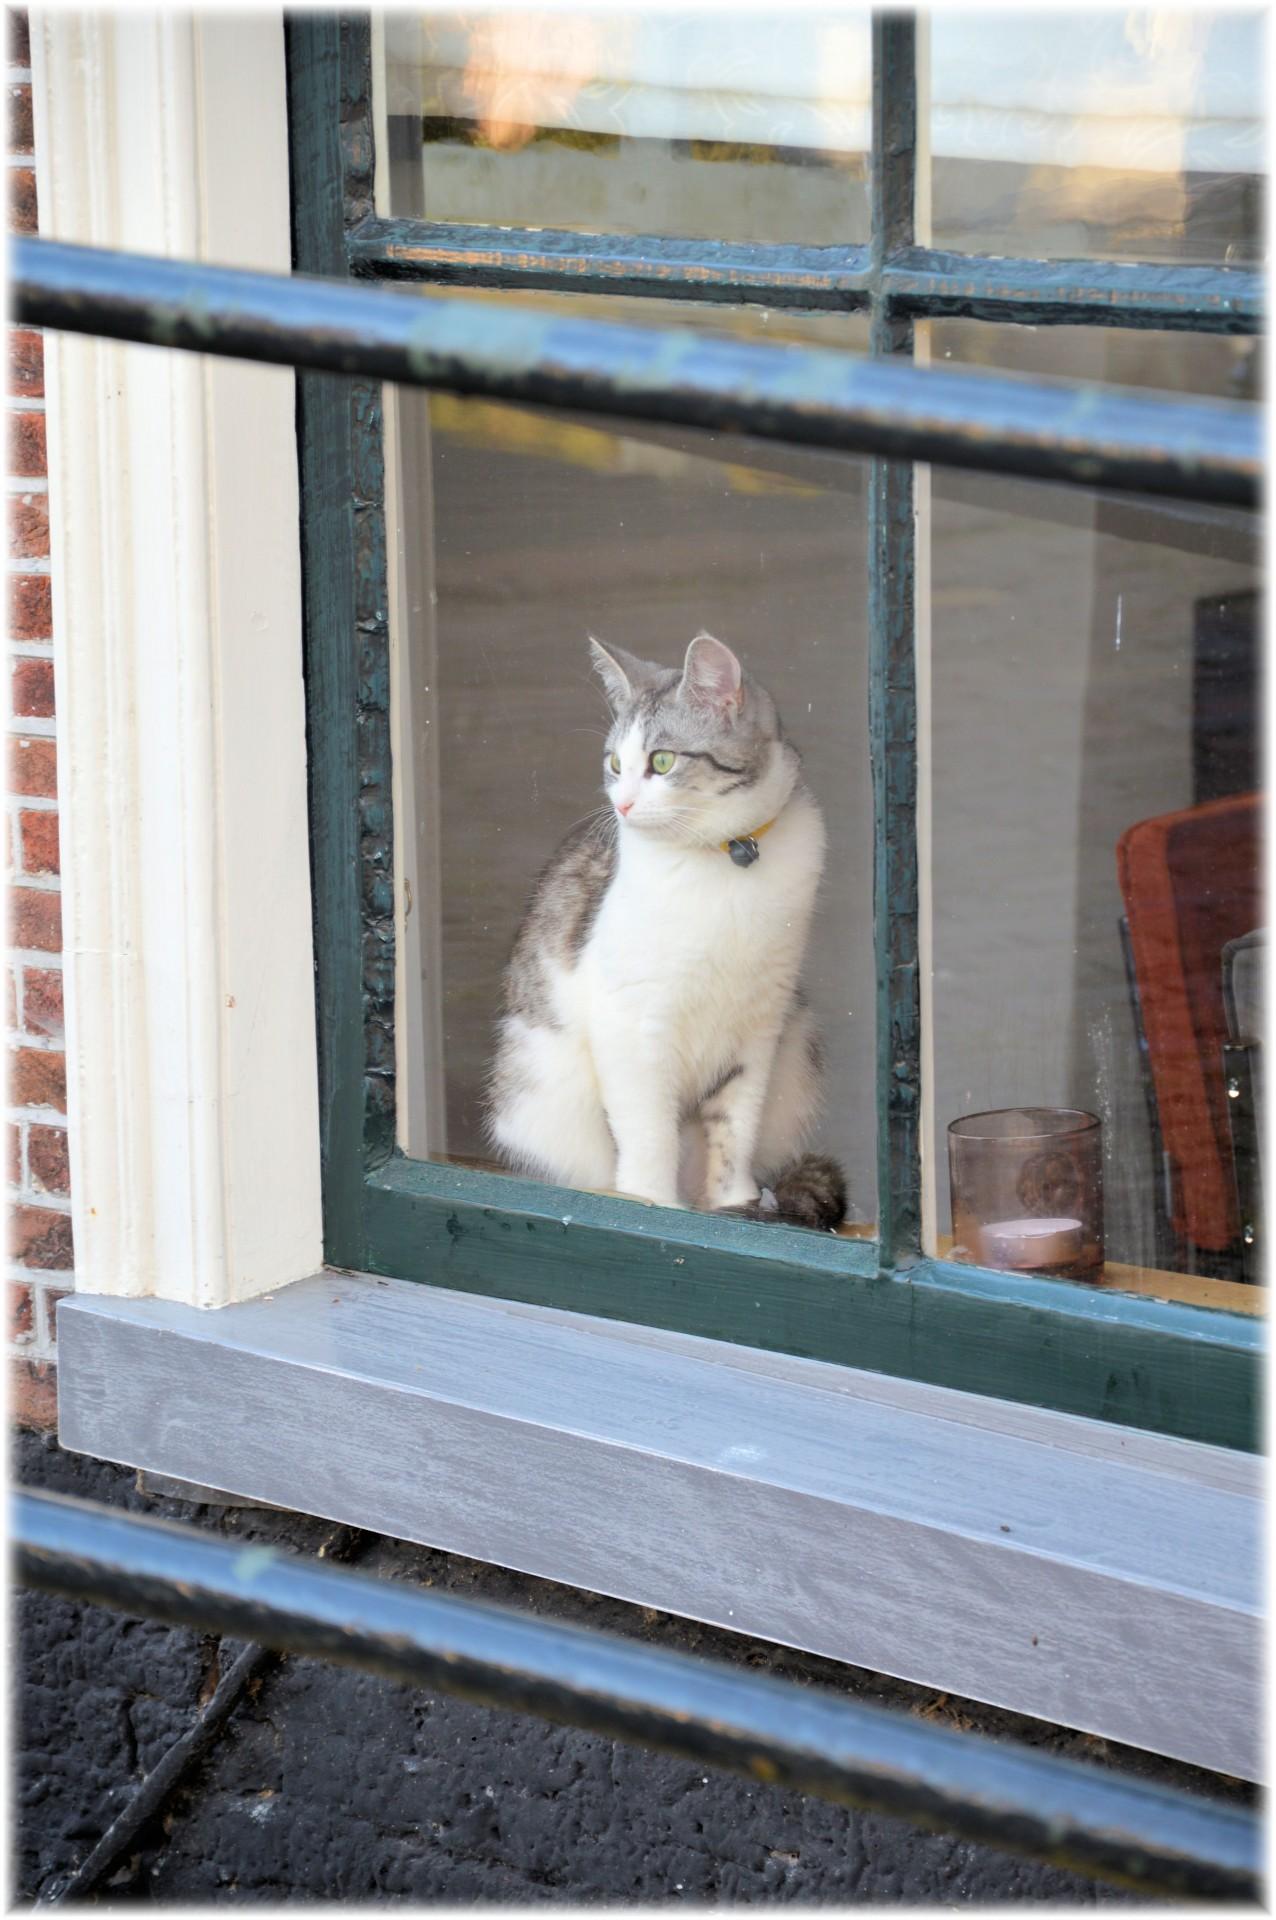 Proč kočky vydávají zvláštní zvuky, když vidí ptáky za oknem?